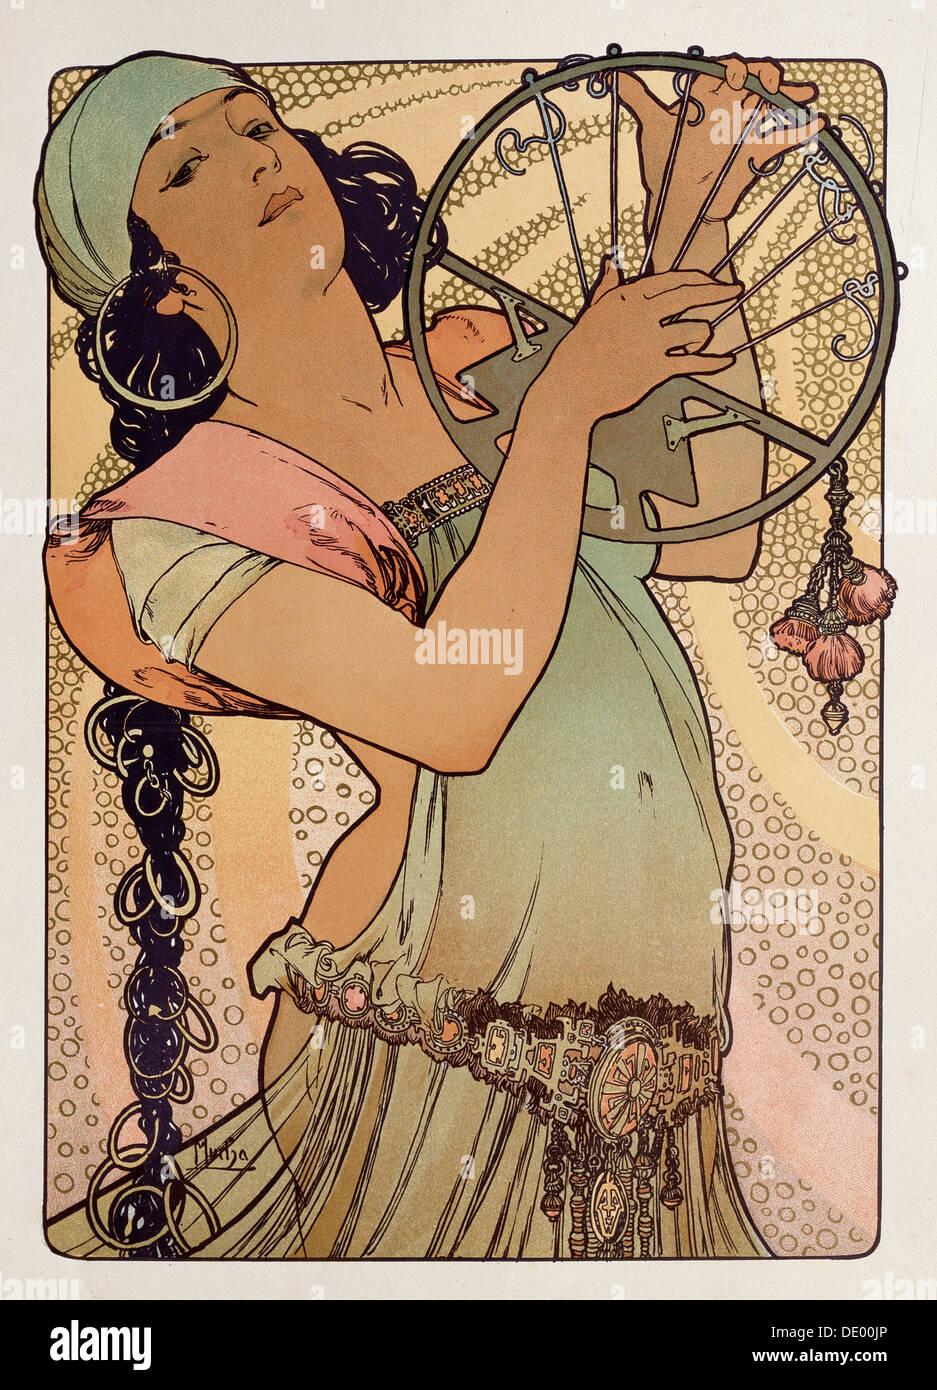 'Salome', 1897. Artista: Alphonse Mucha Immagini Stock